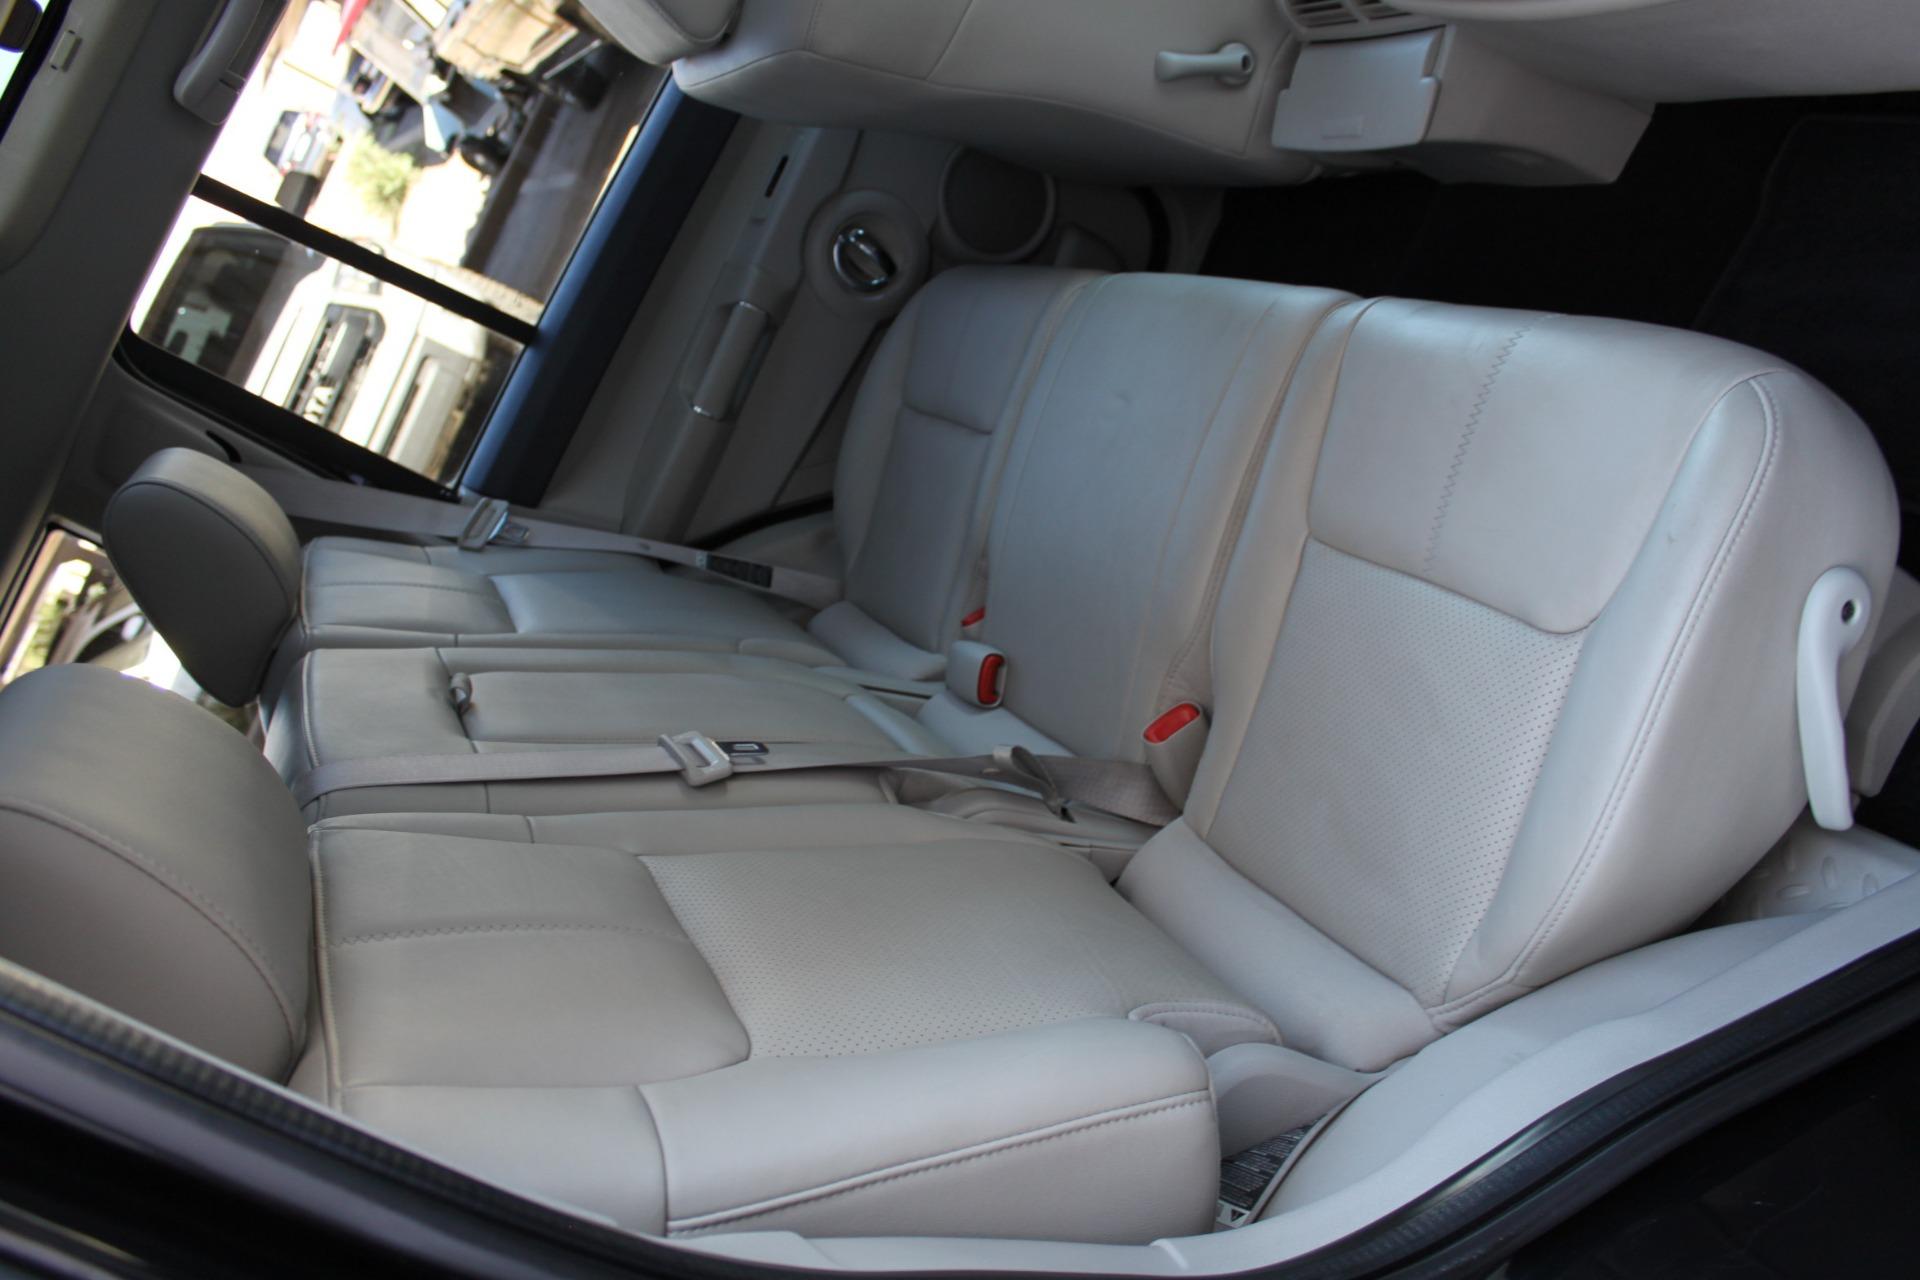 Used-2007-Jeep-Commander-Limited-Camaro